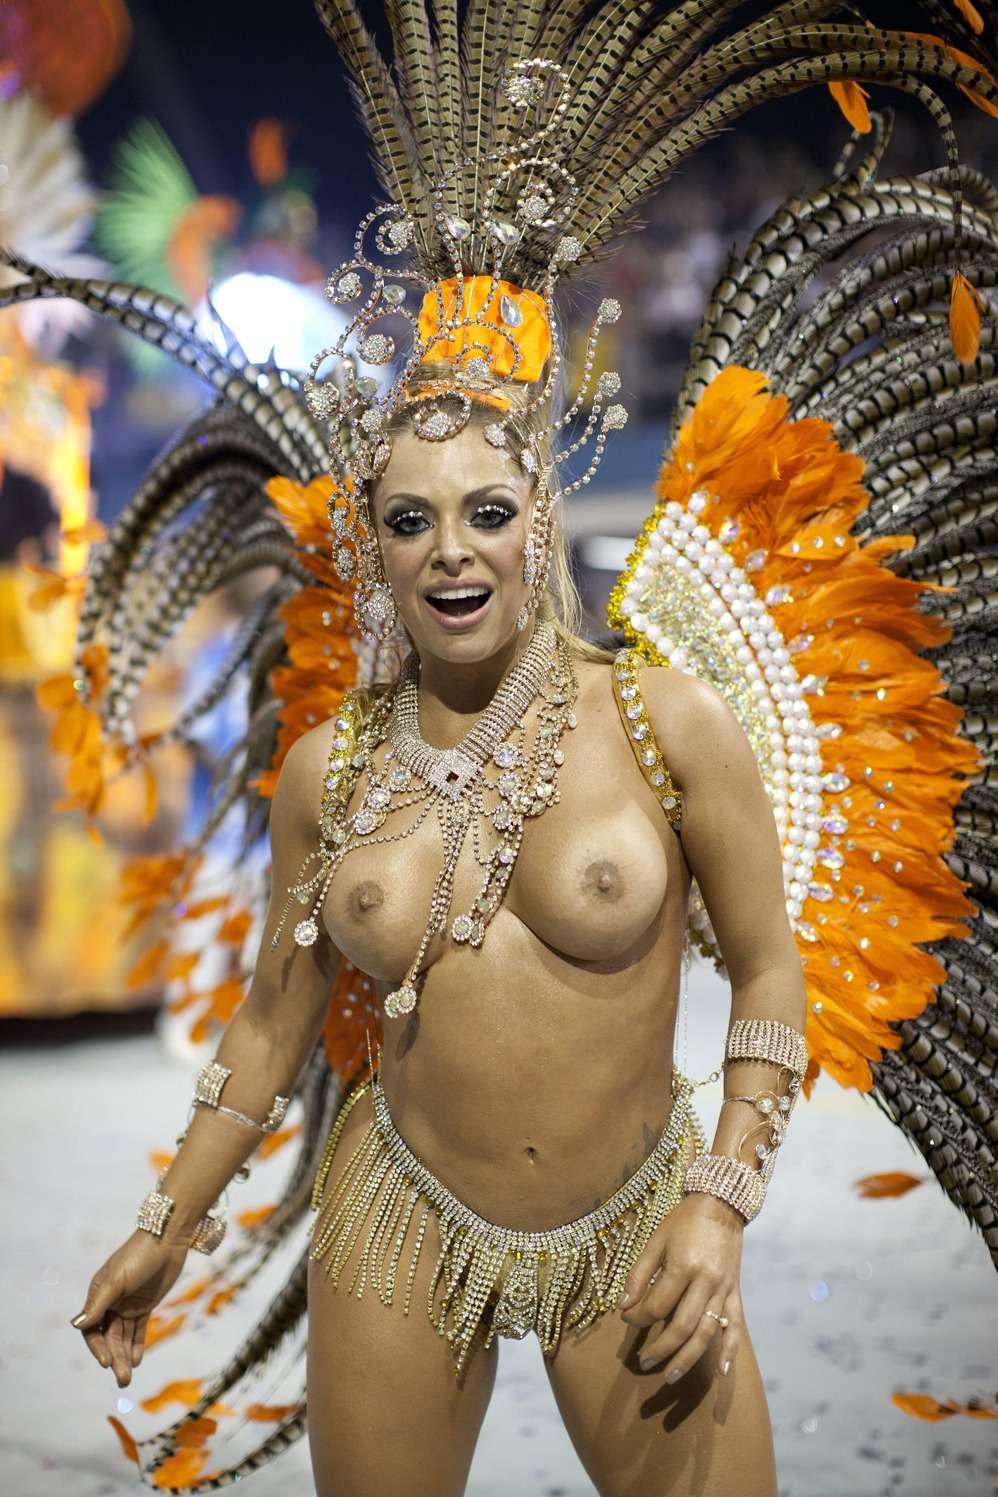 【エロ画像】世界最大の「露出祭り」サンバカーニバルとかいう祭りの様子wwwwwwwwwwwwwww・2枚目